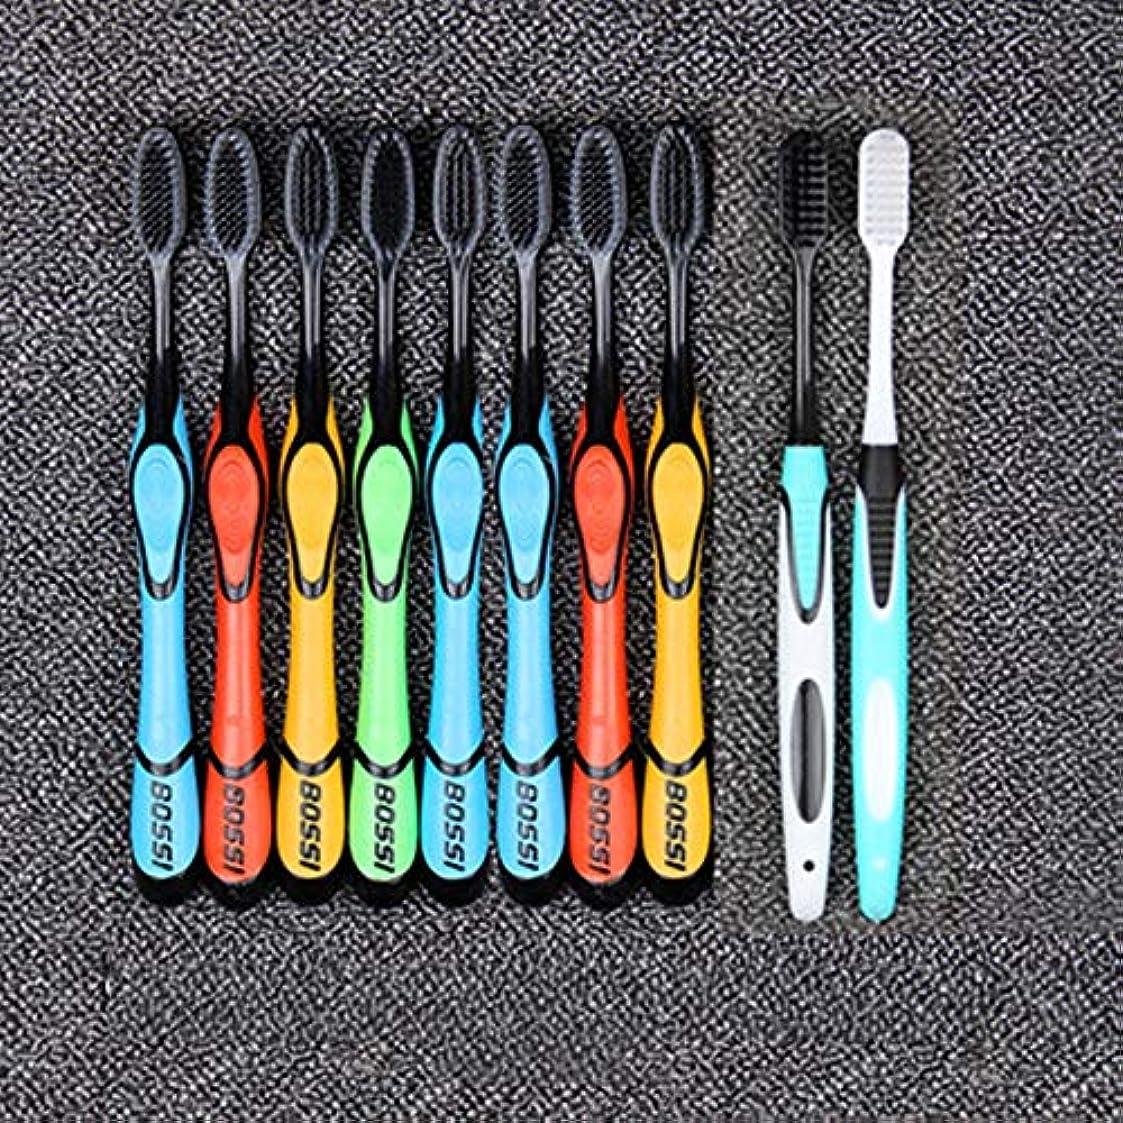 補助金定義する古風な歯ブラシ 10本のスティック大人歯ブラシ、竹炭柔らかい歯ブラシ、歯をきれいに簡単に、オーラルケア HL (色 : 8+2)